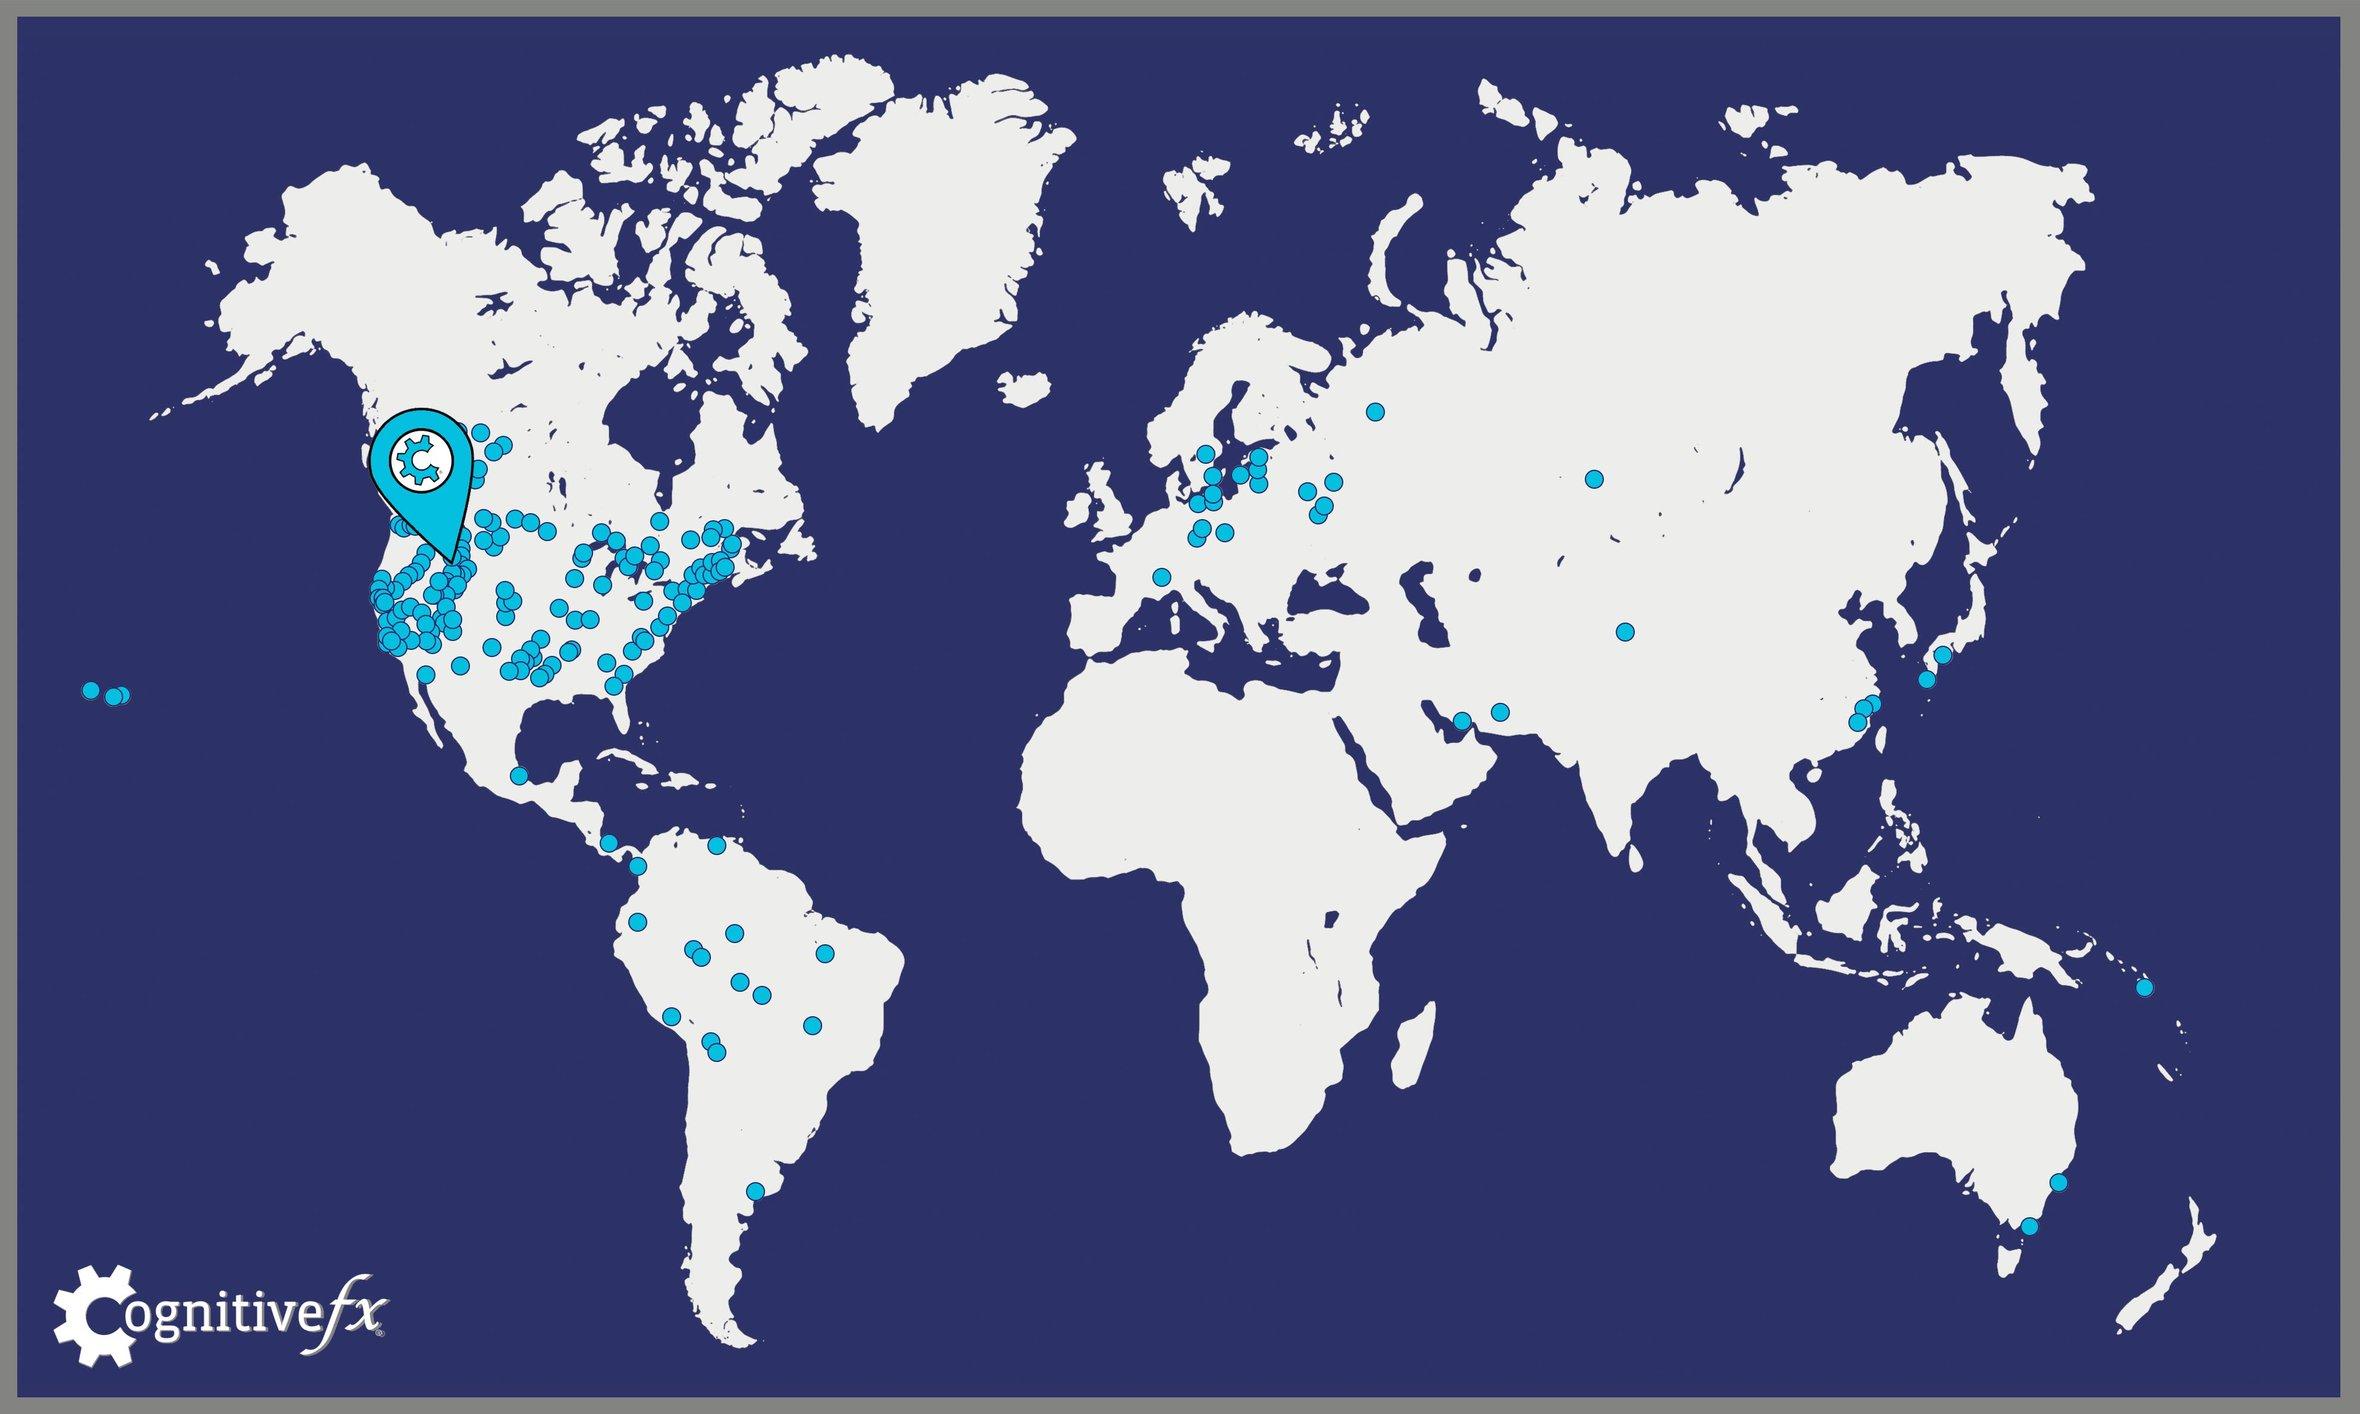 cfx patients around the world map